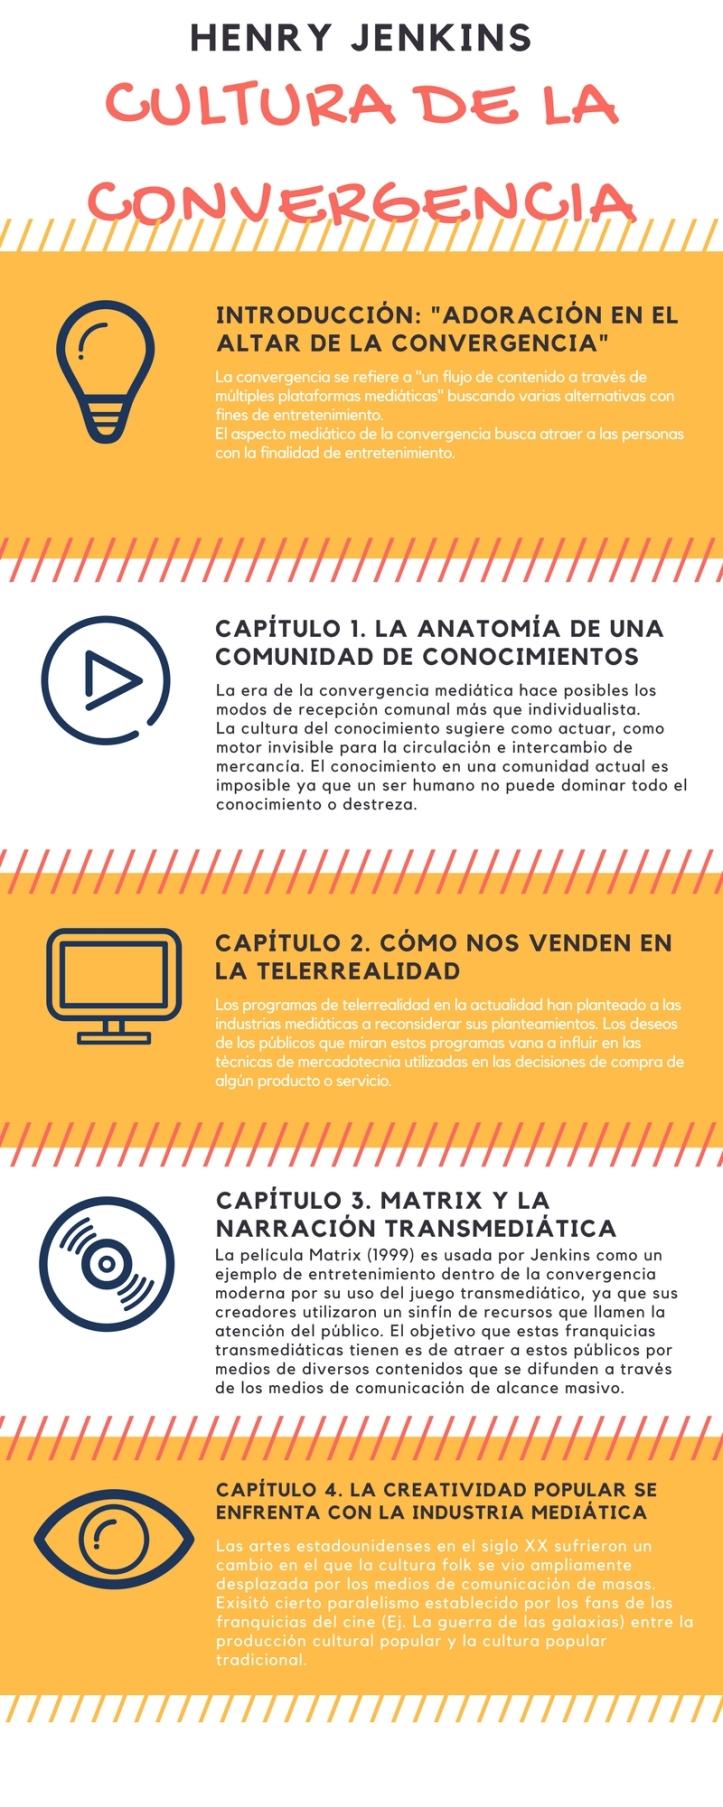 13,302 Octavio Islas, Universidad de los Hemisferios, Nuevos medios ...